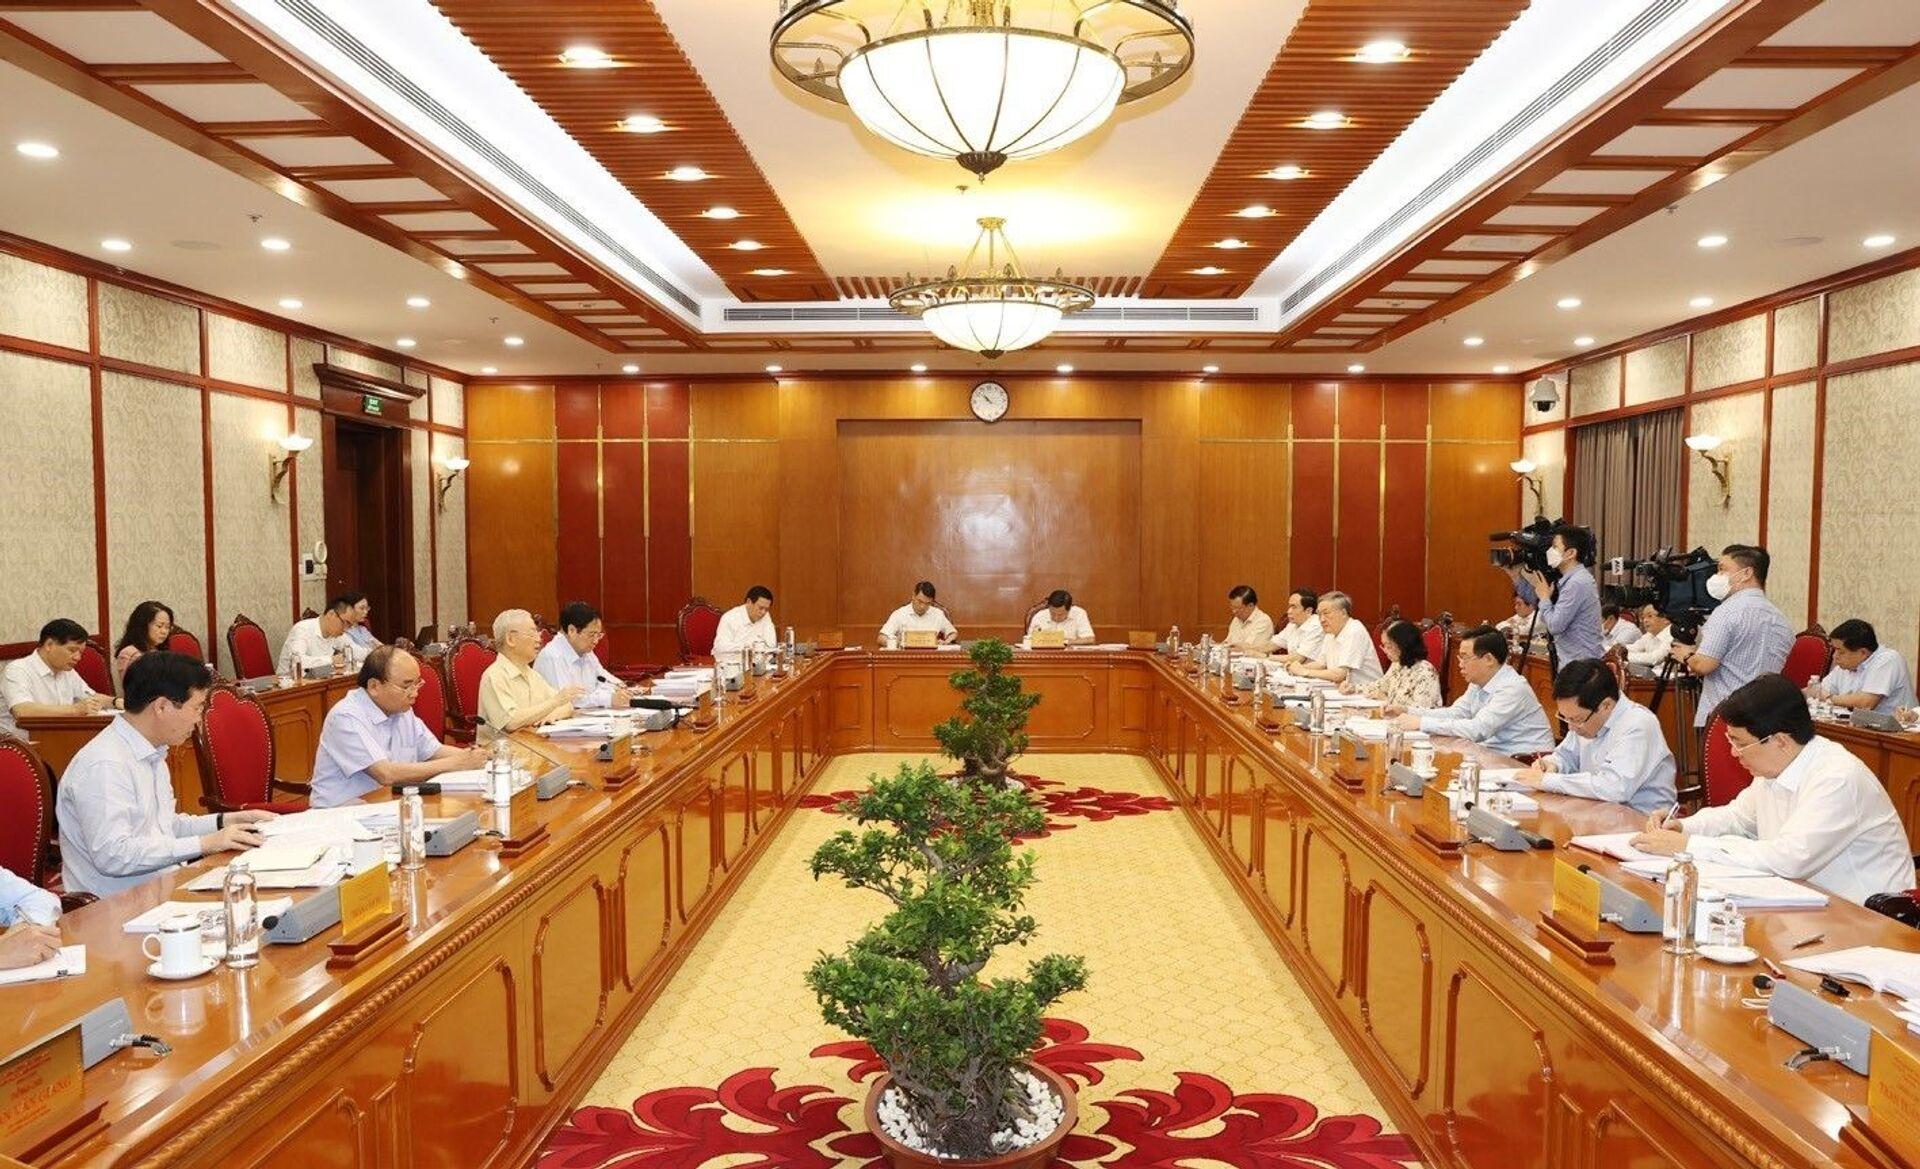 Tổng Bí thư Nguyễn Phú Trọng phát biểu kết luận cuộc họp - Sputnik Việt Nam, 1920, 05.10.2021